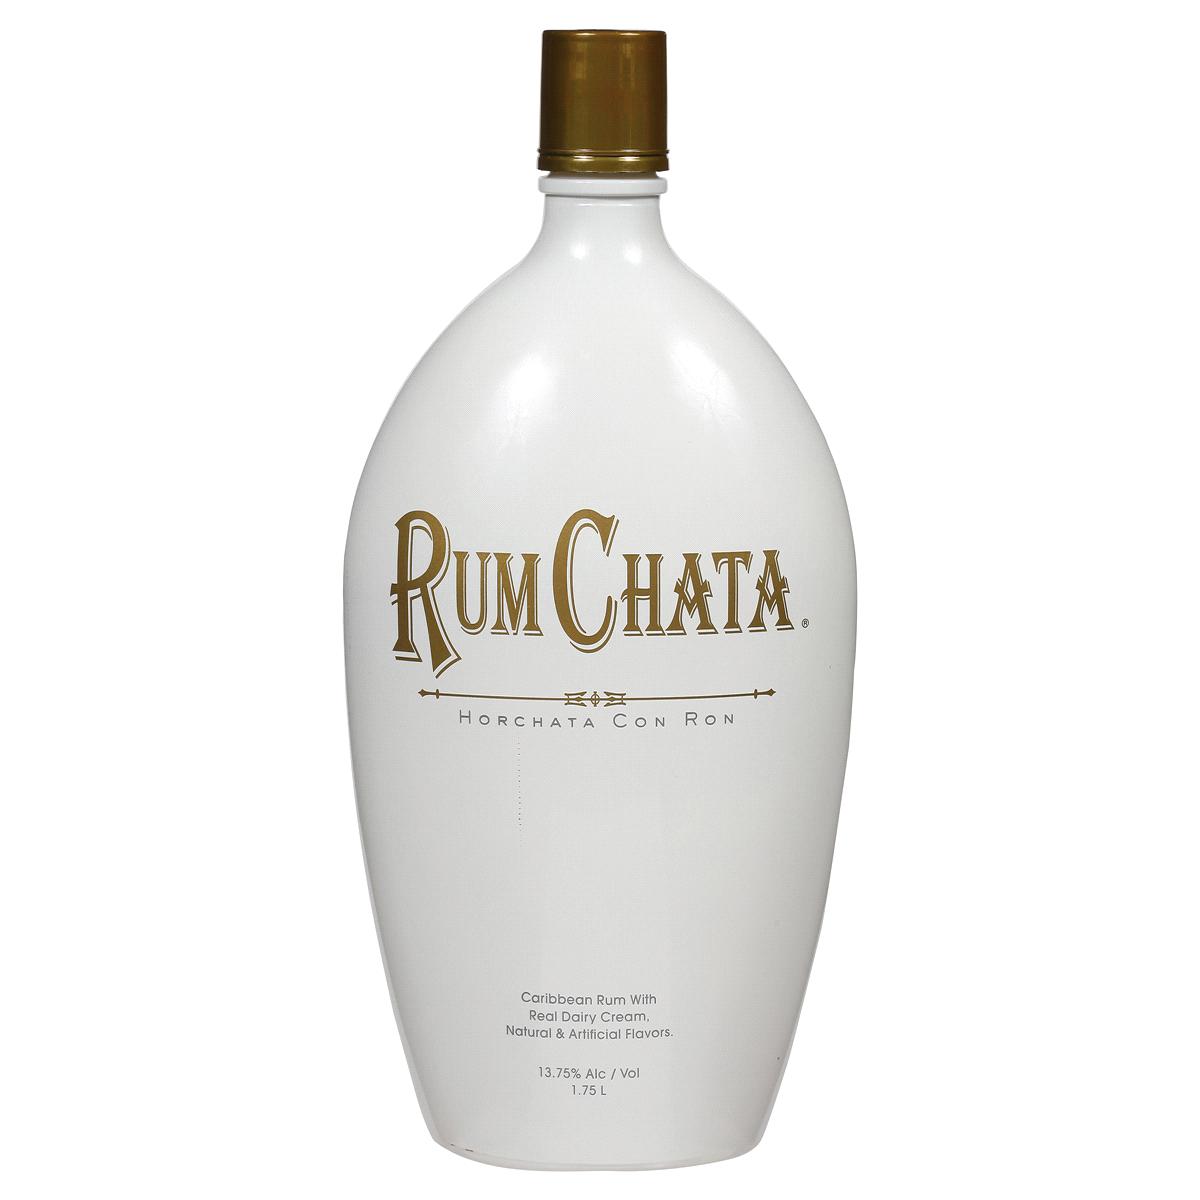 Rum Chata Rum Cream 1.75L